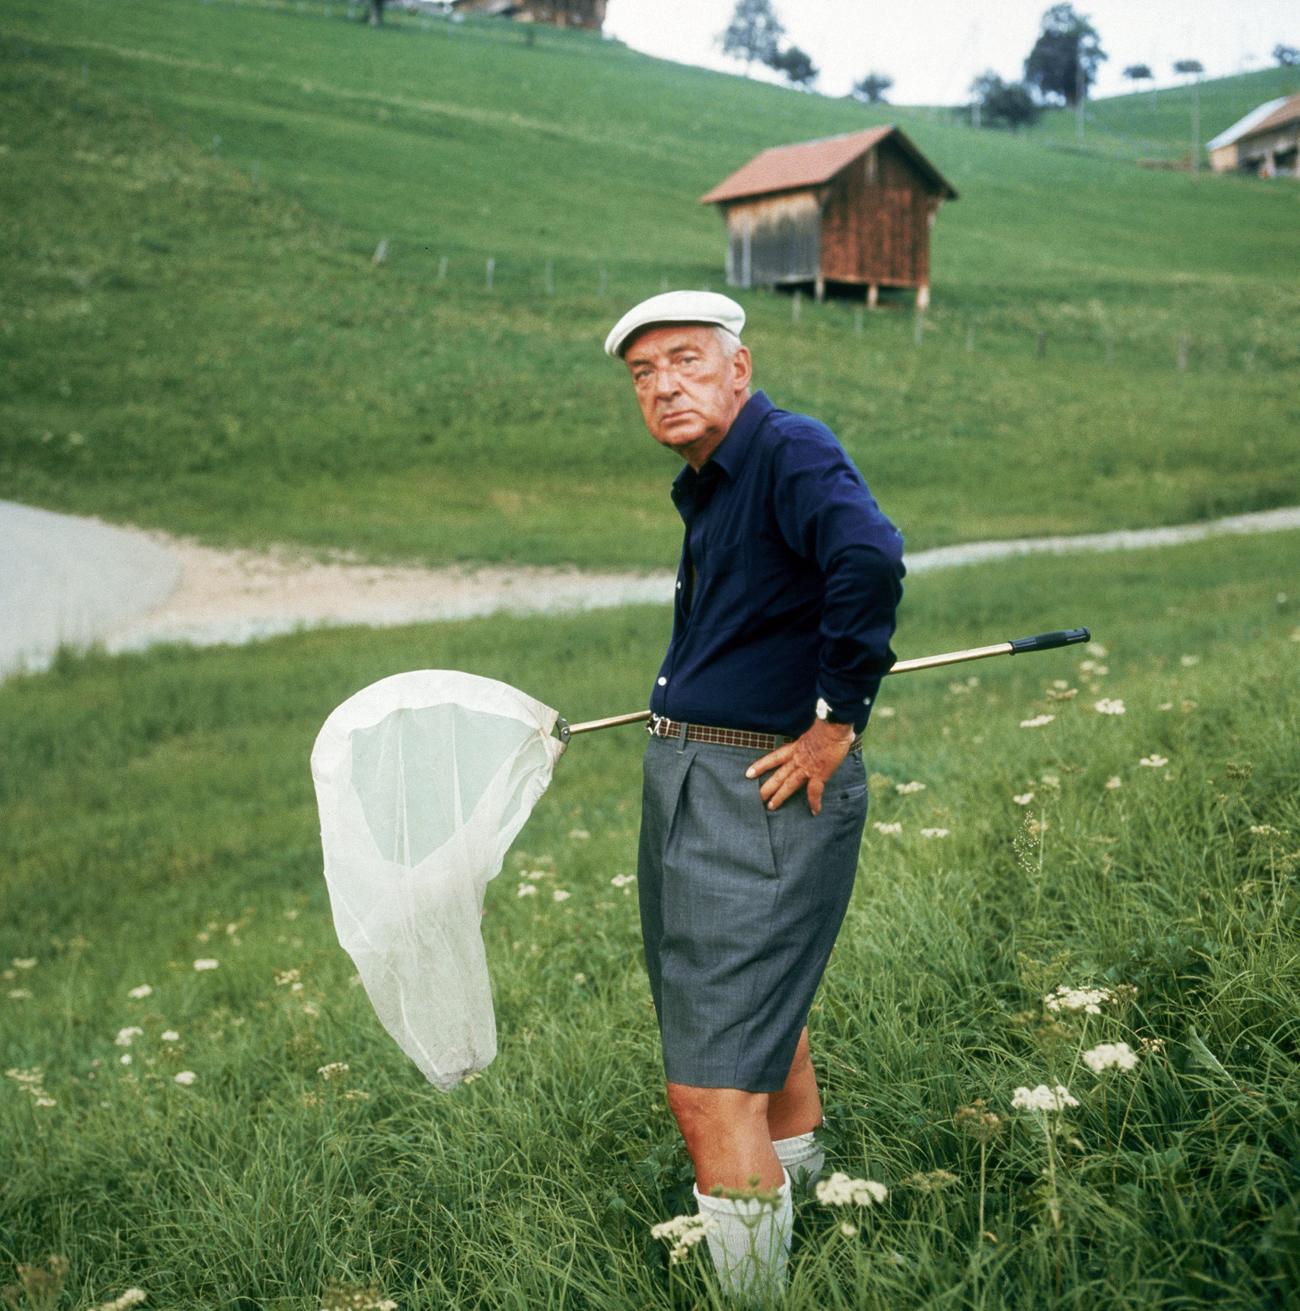 Американскиот писател роден во Русија Владимир Набоков (1899 - 1977) со мрежа за пеперутки некаде во планините на Швајцарија. Фотографирано околу 1975 година.